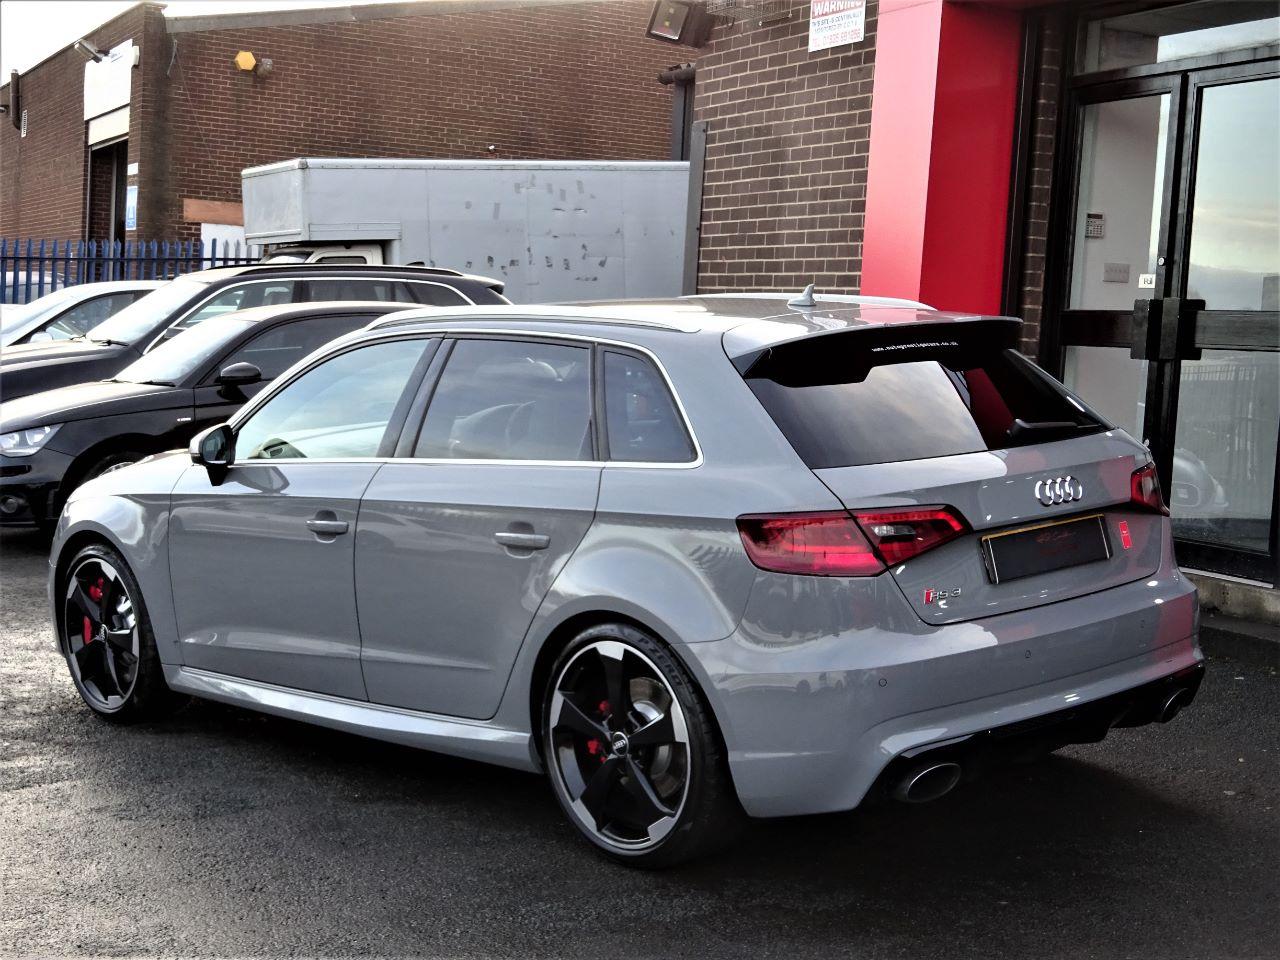 Audi Rs3 in Arcadia  Used Cars amp Bakkies Deals  Gumtree